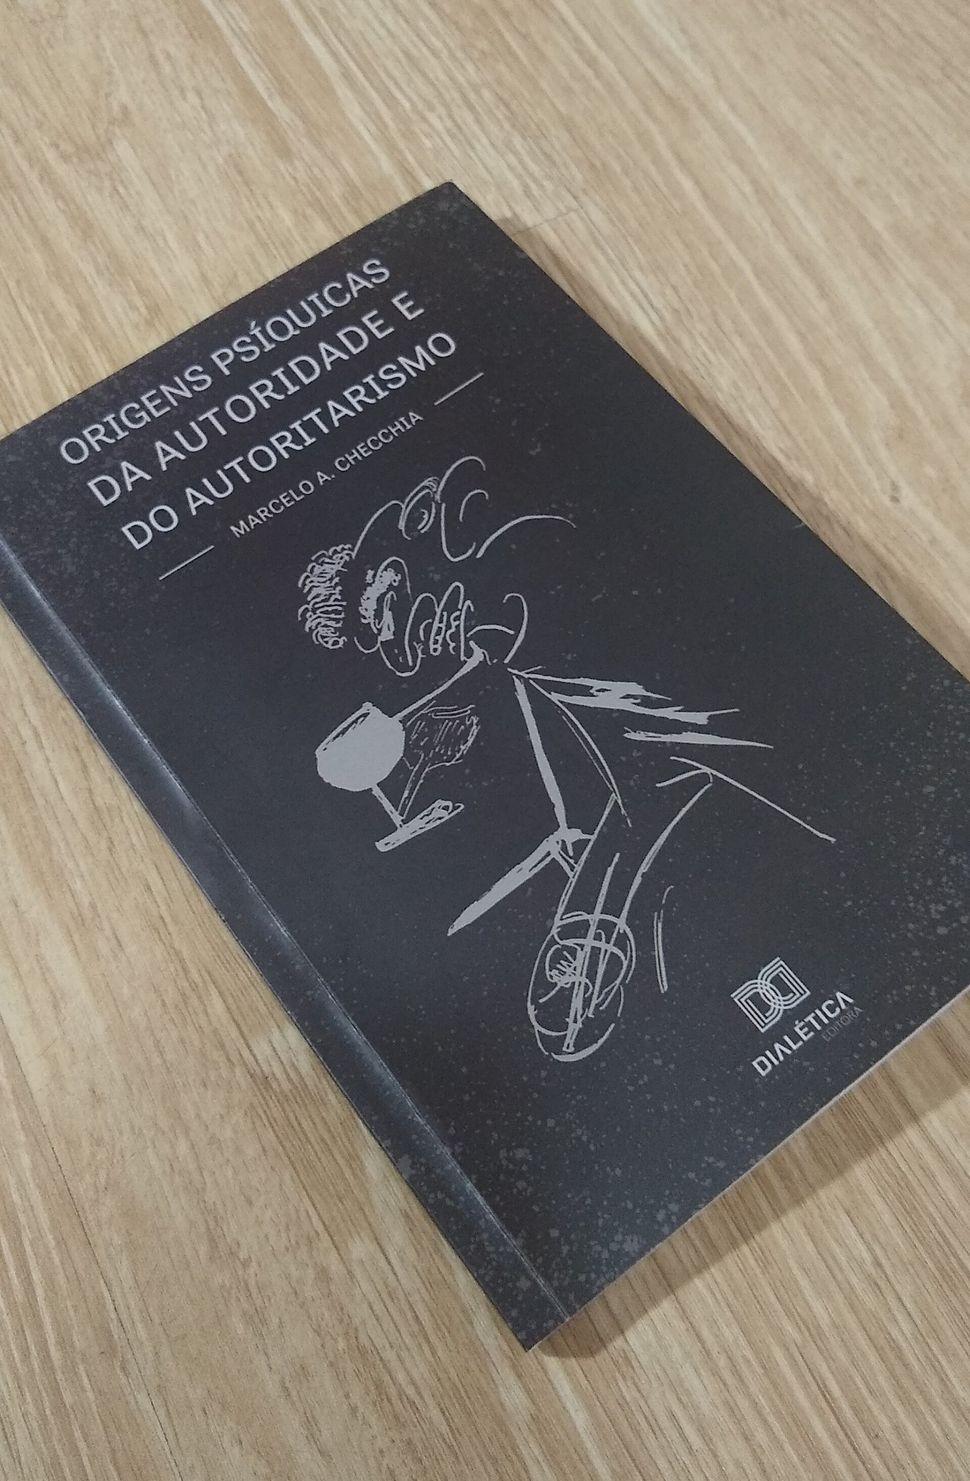 Livro <i>Origens ps&iacute;quicas da autoridade e do autoritarismo</i> de Marcelo Checchia.